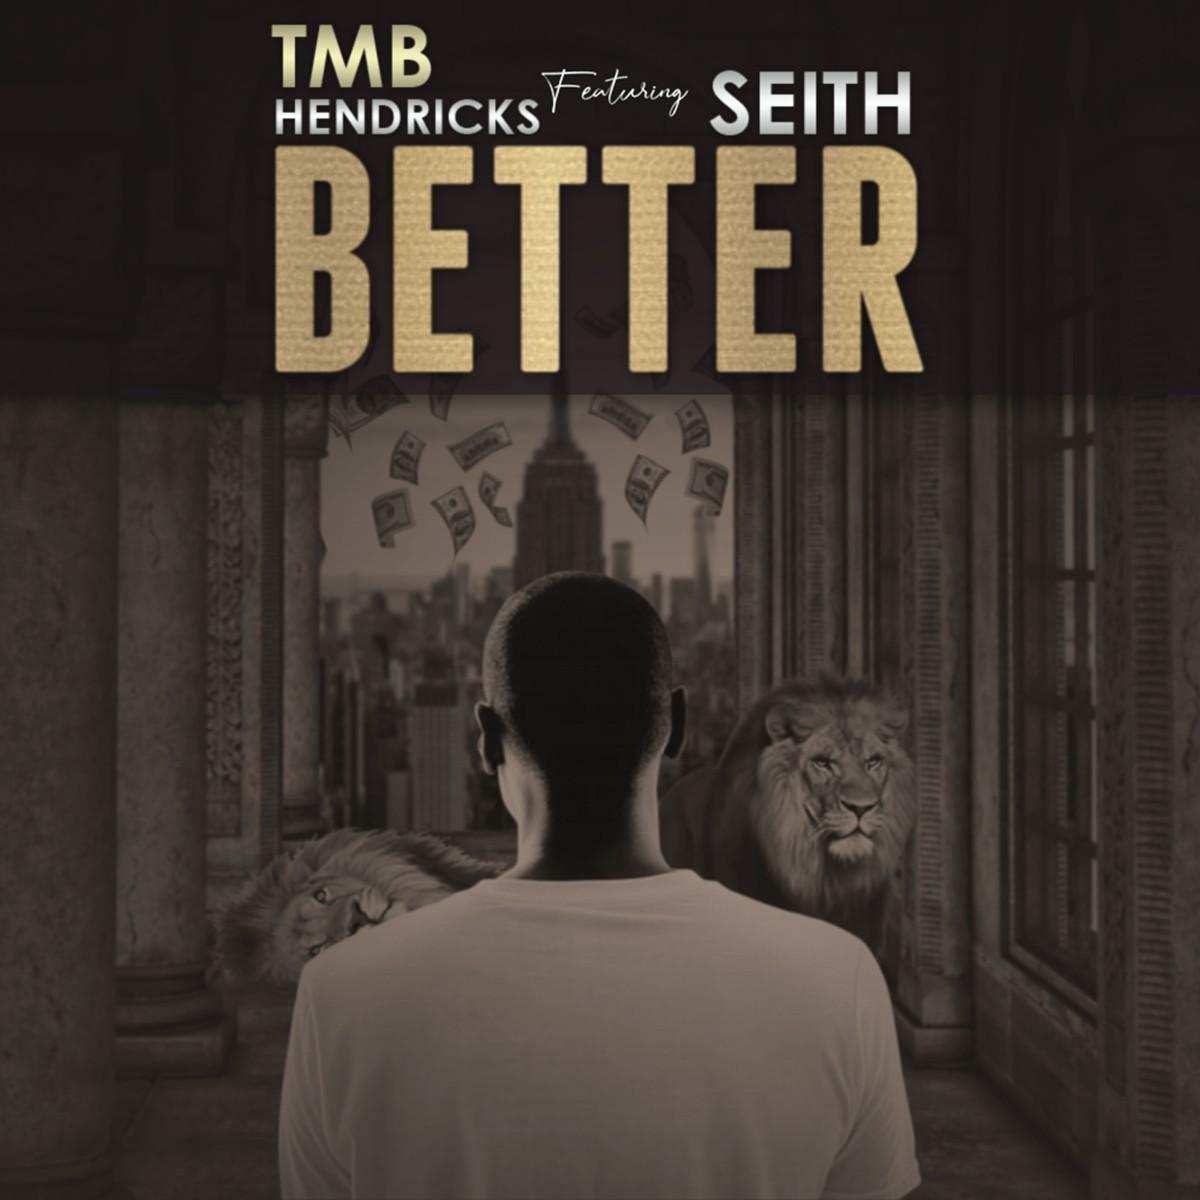 TMB Hendricks ft. Seith - Better